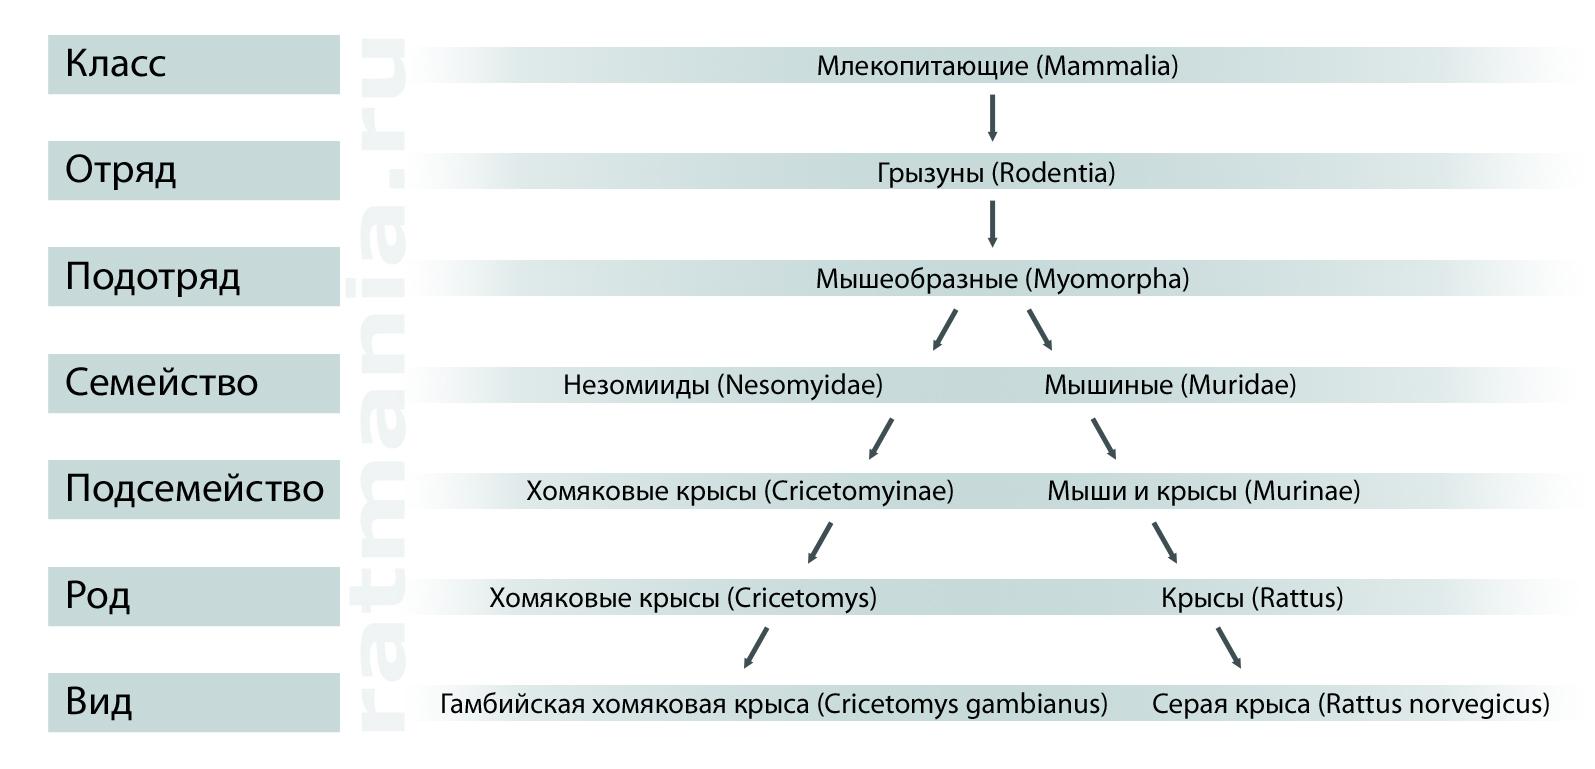 Систематика гамбийской и серой крыс